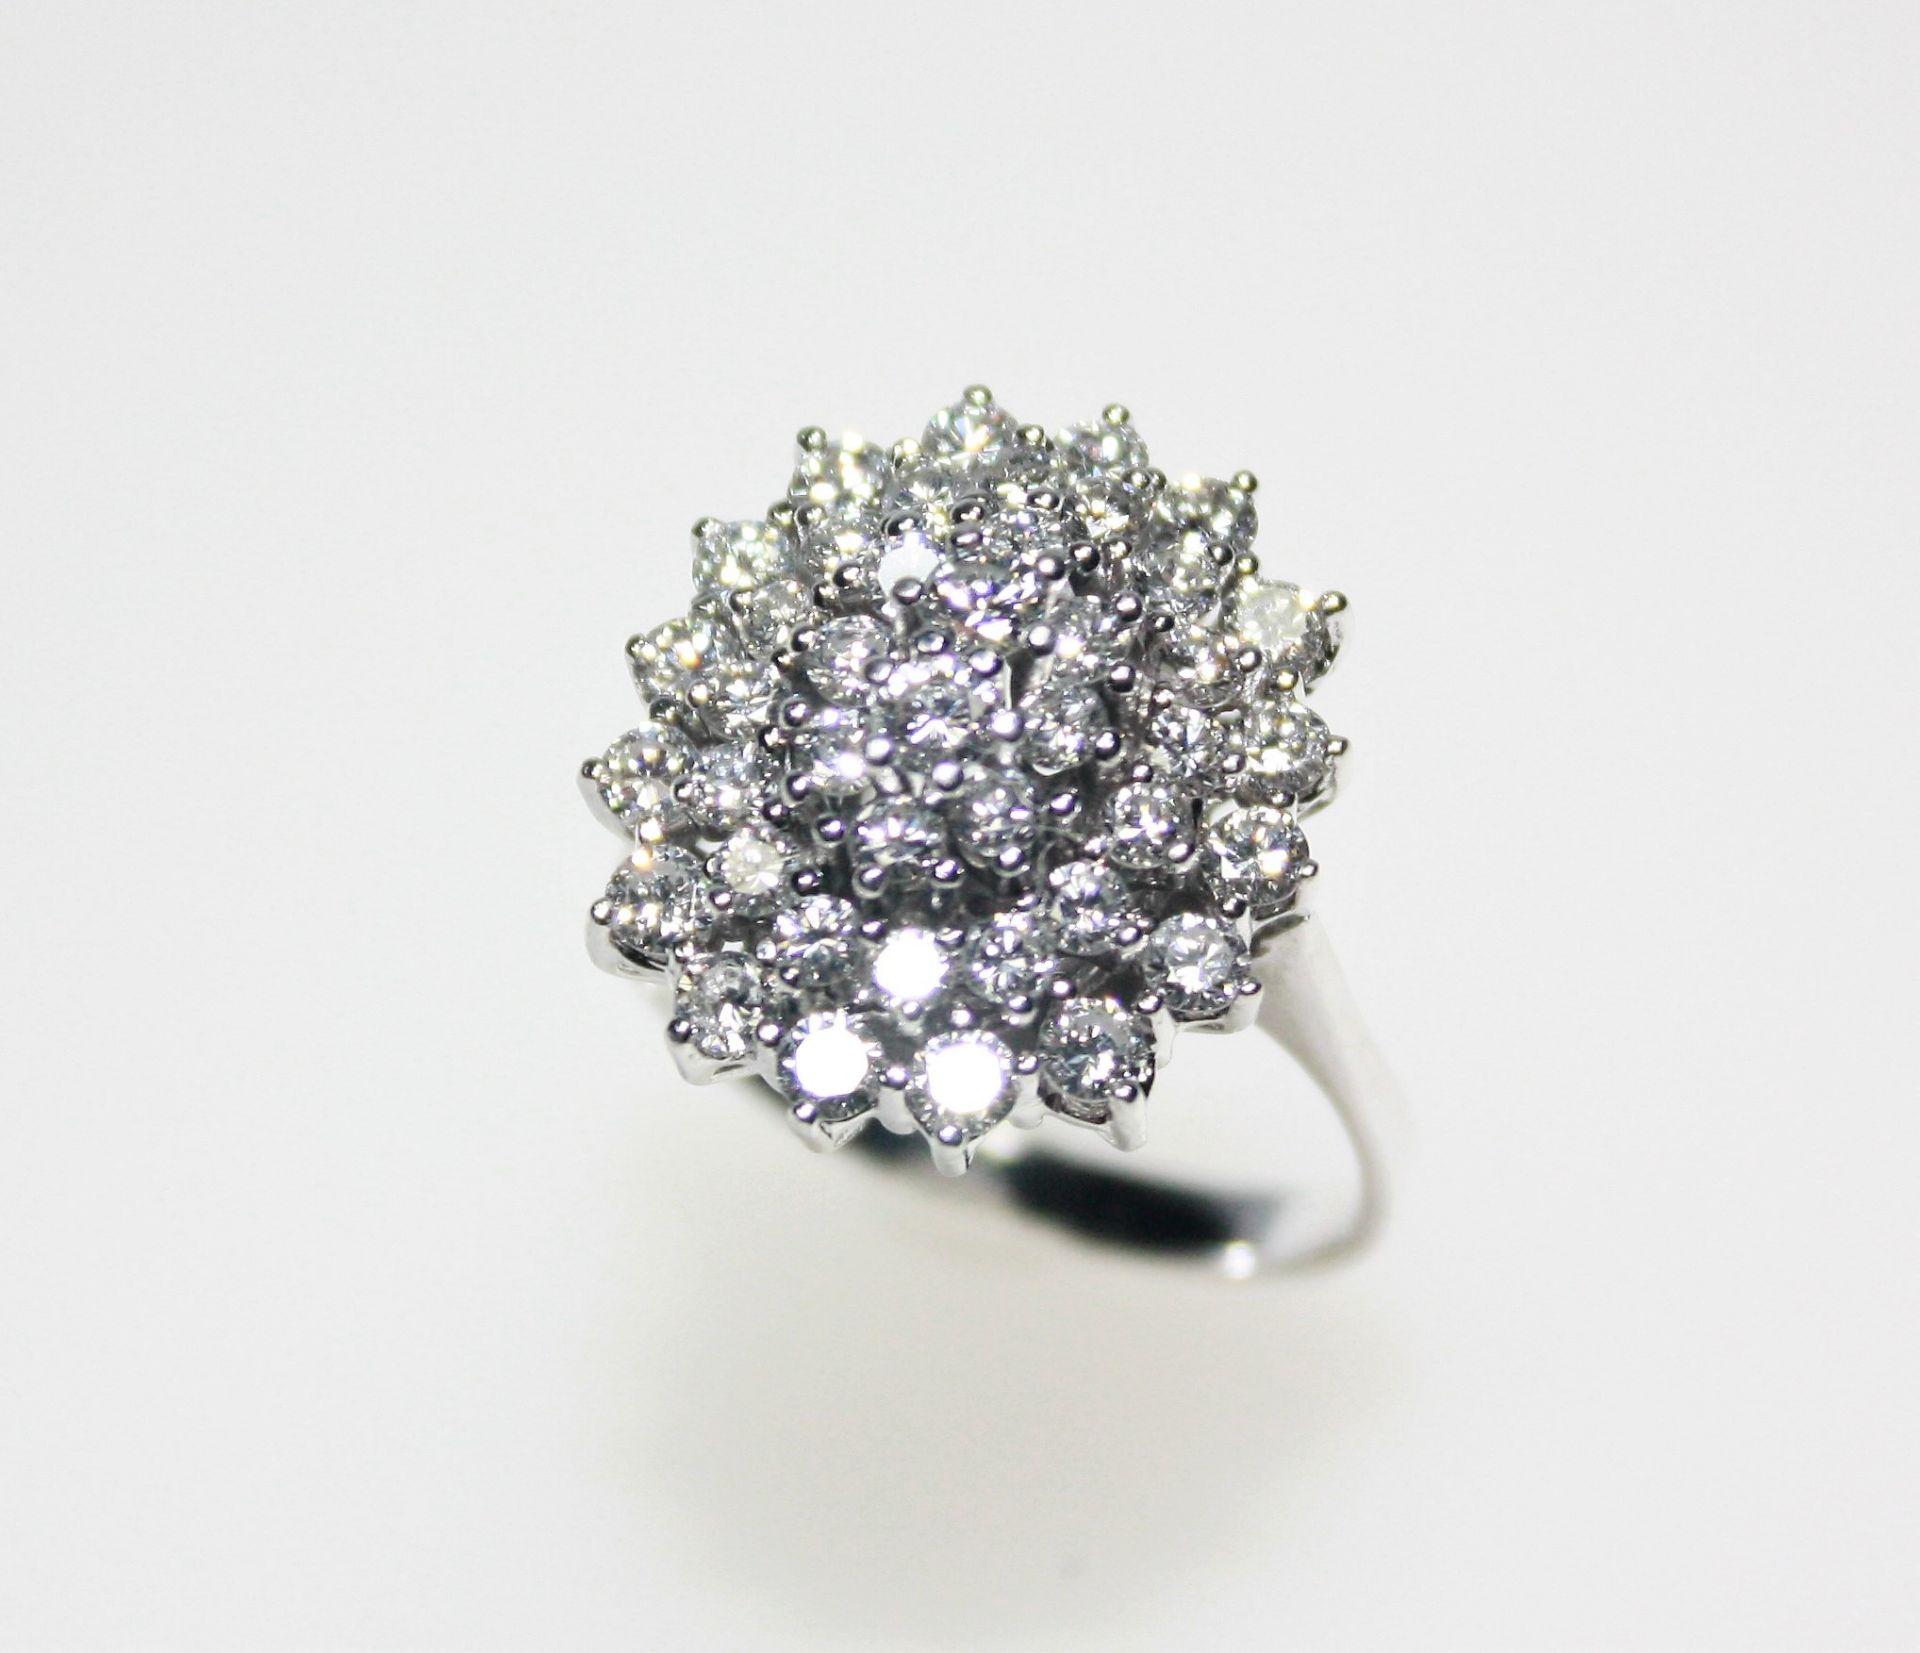 Weißgoldring 585/f gest., ovaler Ringkopf mit Diamanten in Brillant schliff zus. ca. 1,10 ct in